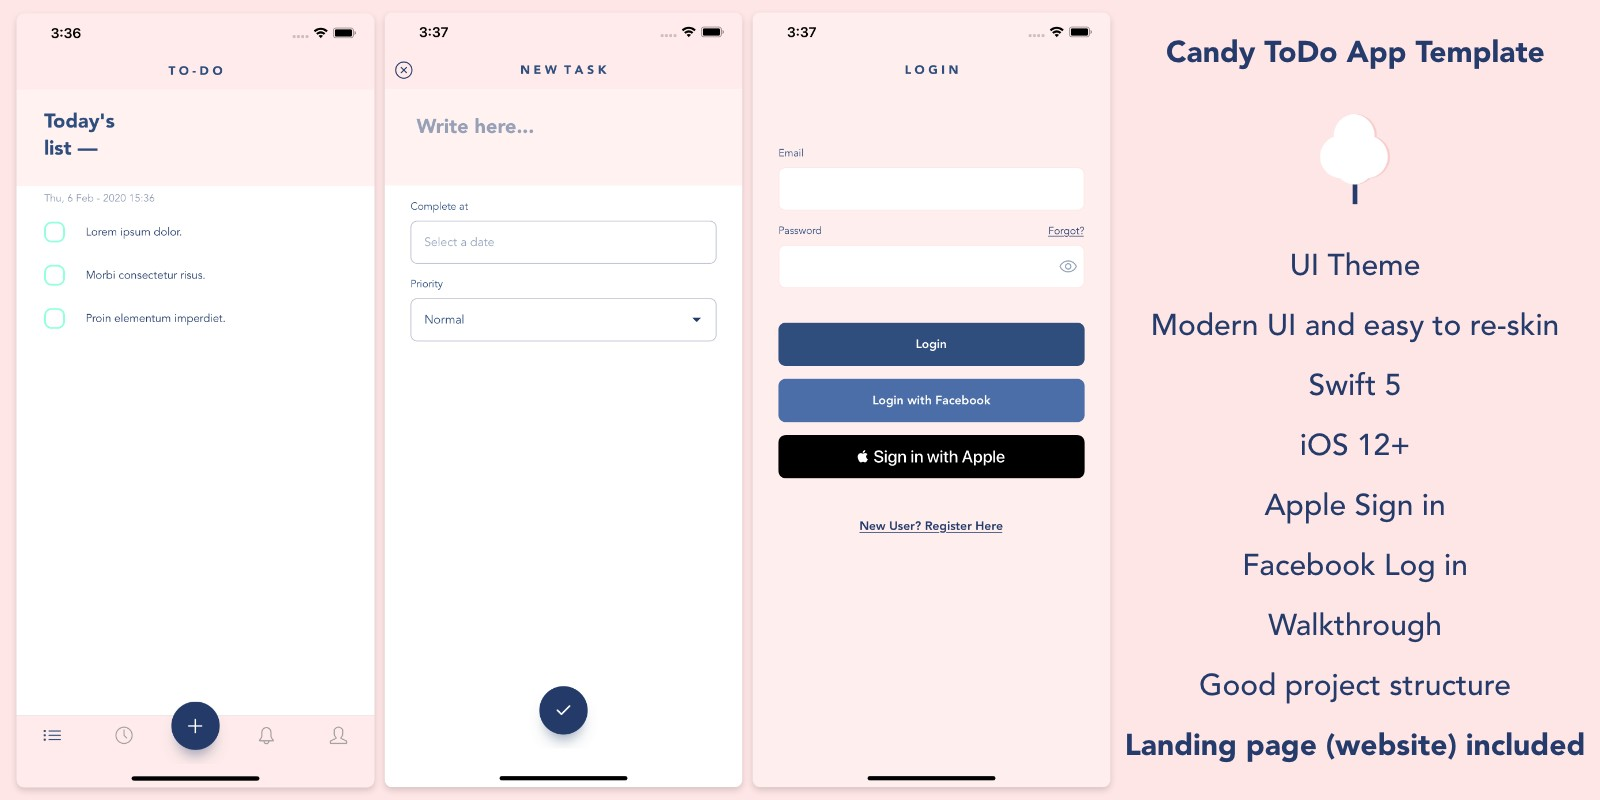 Candy ToDo - iOS Template App